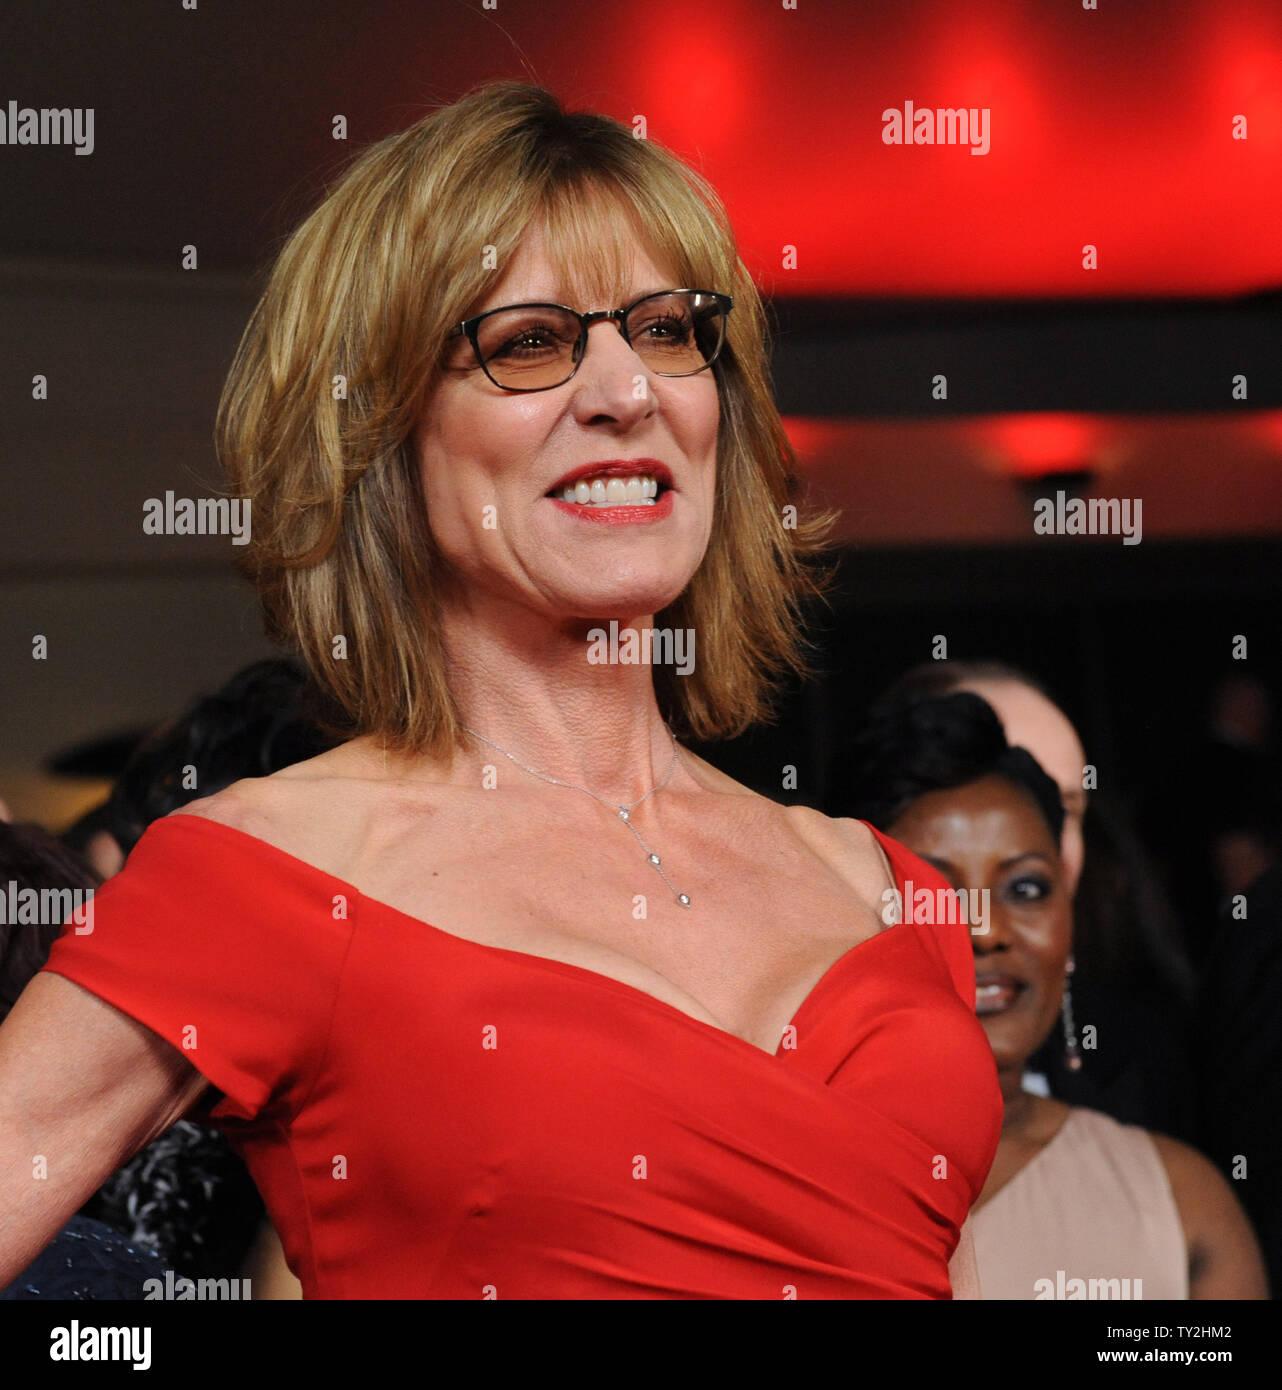 La actriz Christine Lahti asiste a la 64ª anual de Directors Guild of America Awards en Los Angeles el 28 de enero de 2012. UPI/Jim Ruymen Imagen De Stock